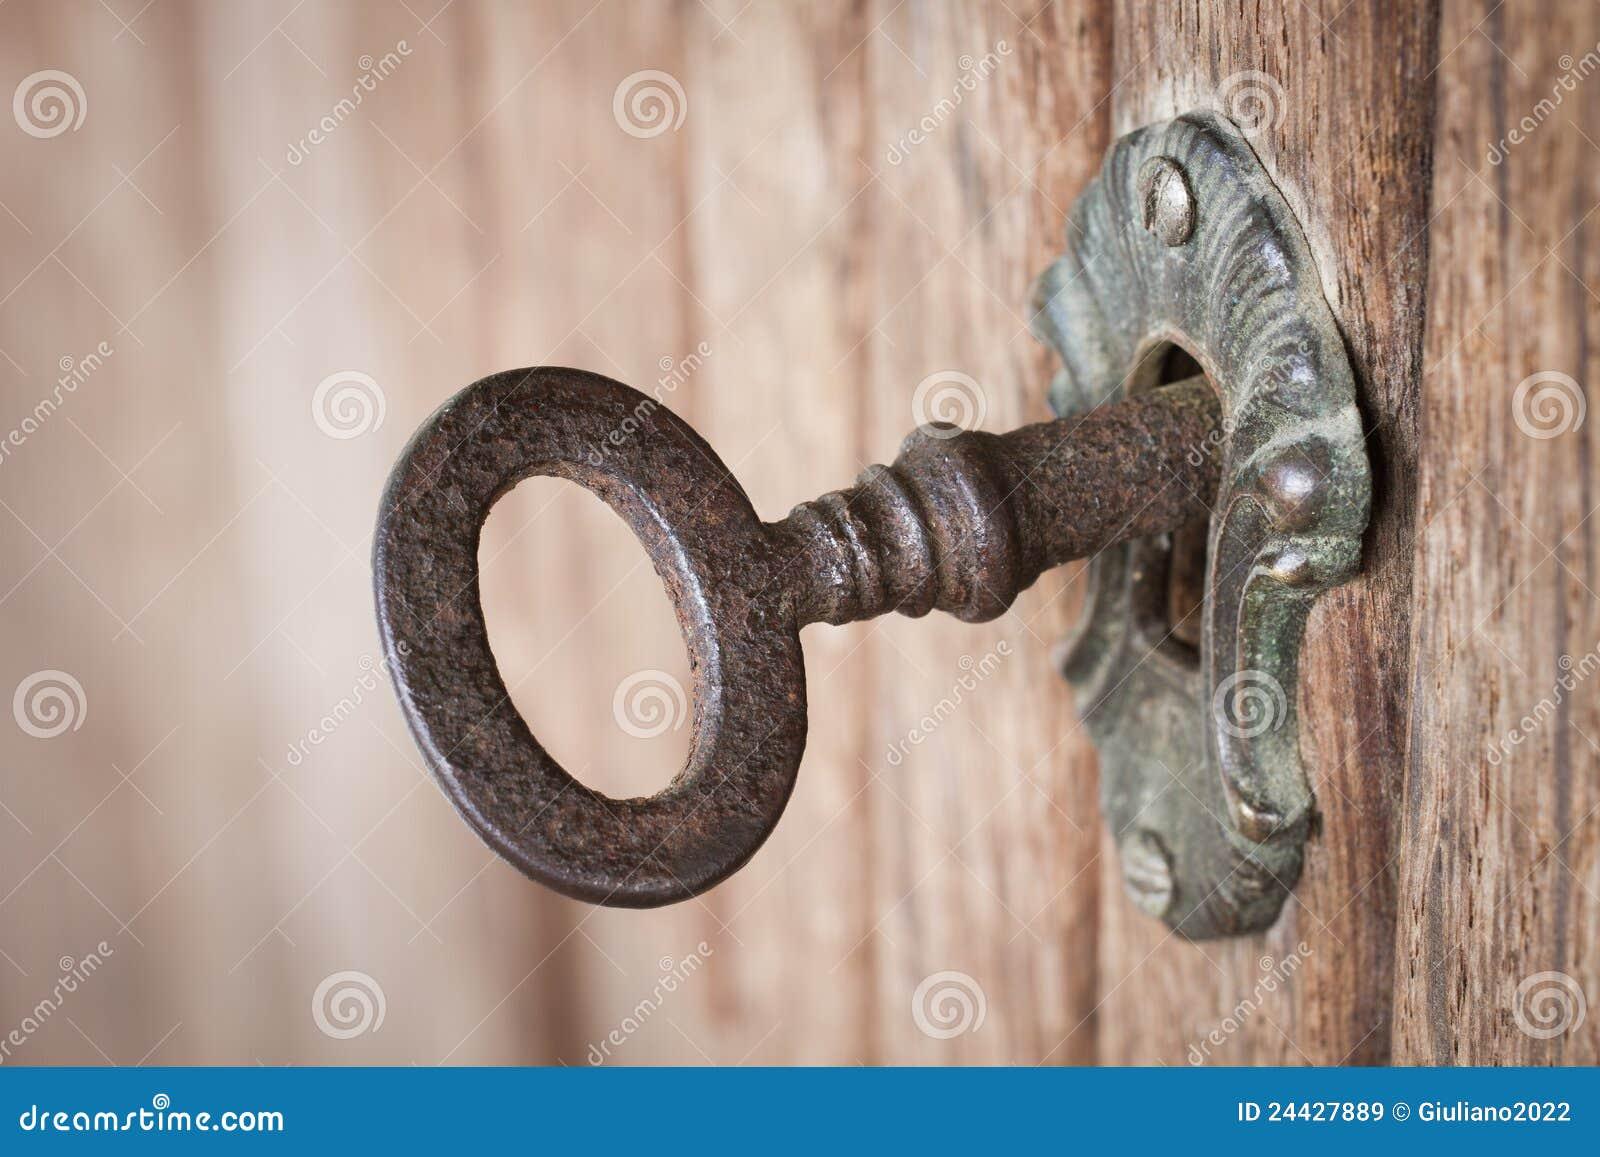 Stary kluczowy keyhole